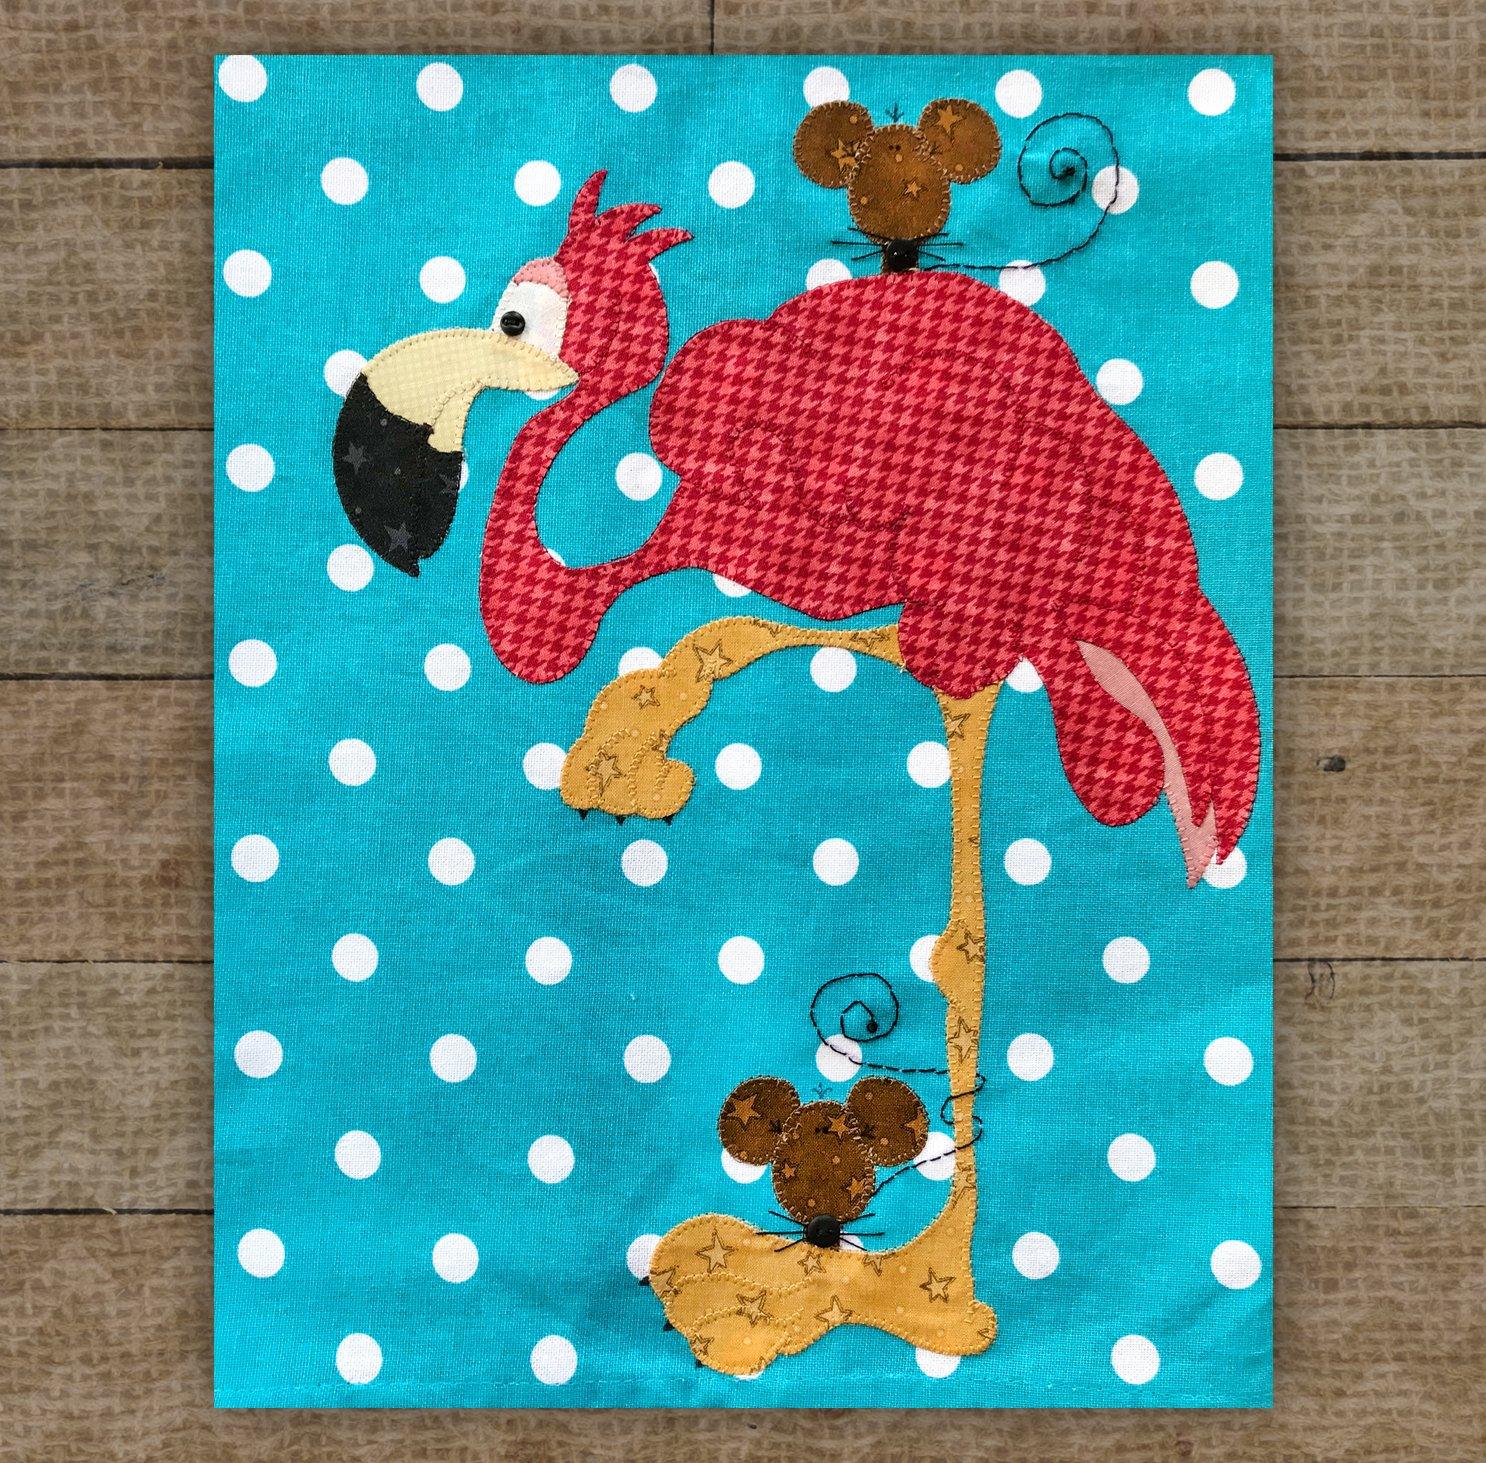 Flamingo Precut Fused Applique Kit